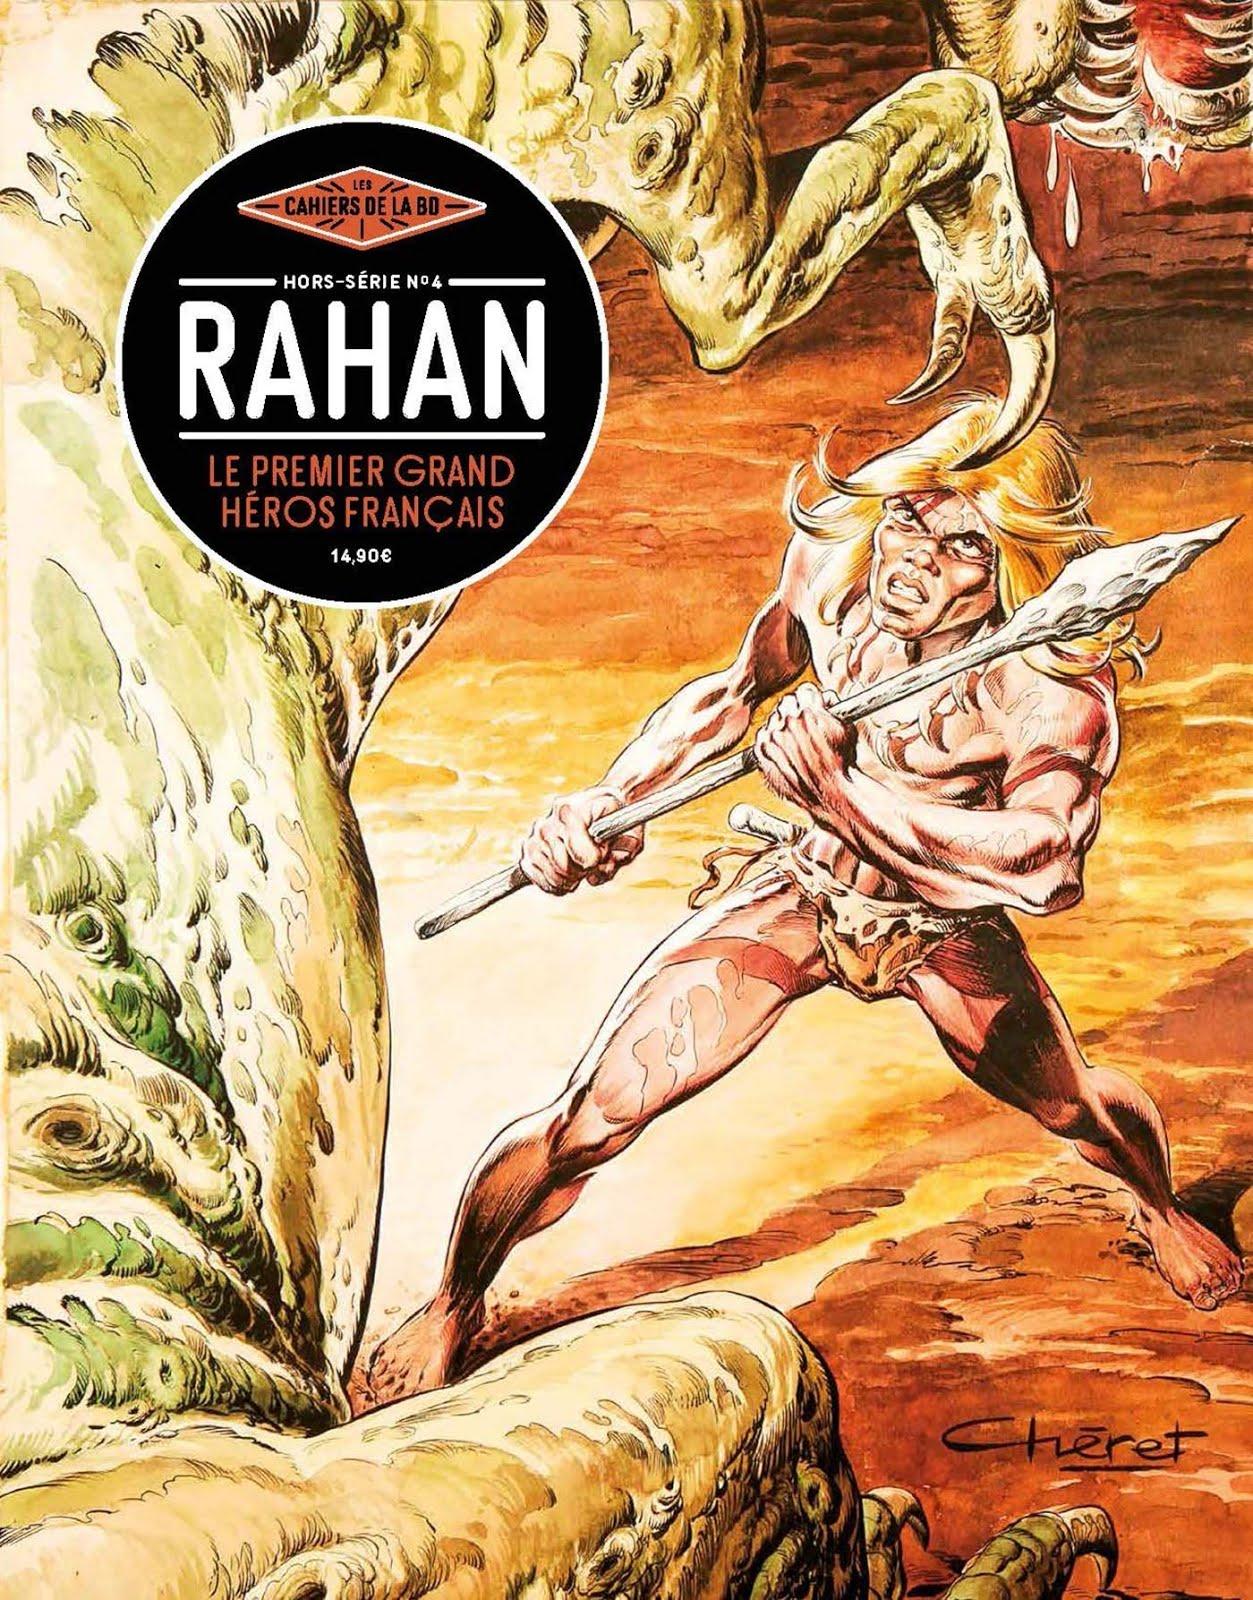 Rahan, le premier grand héros français